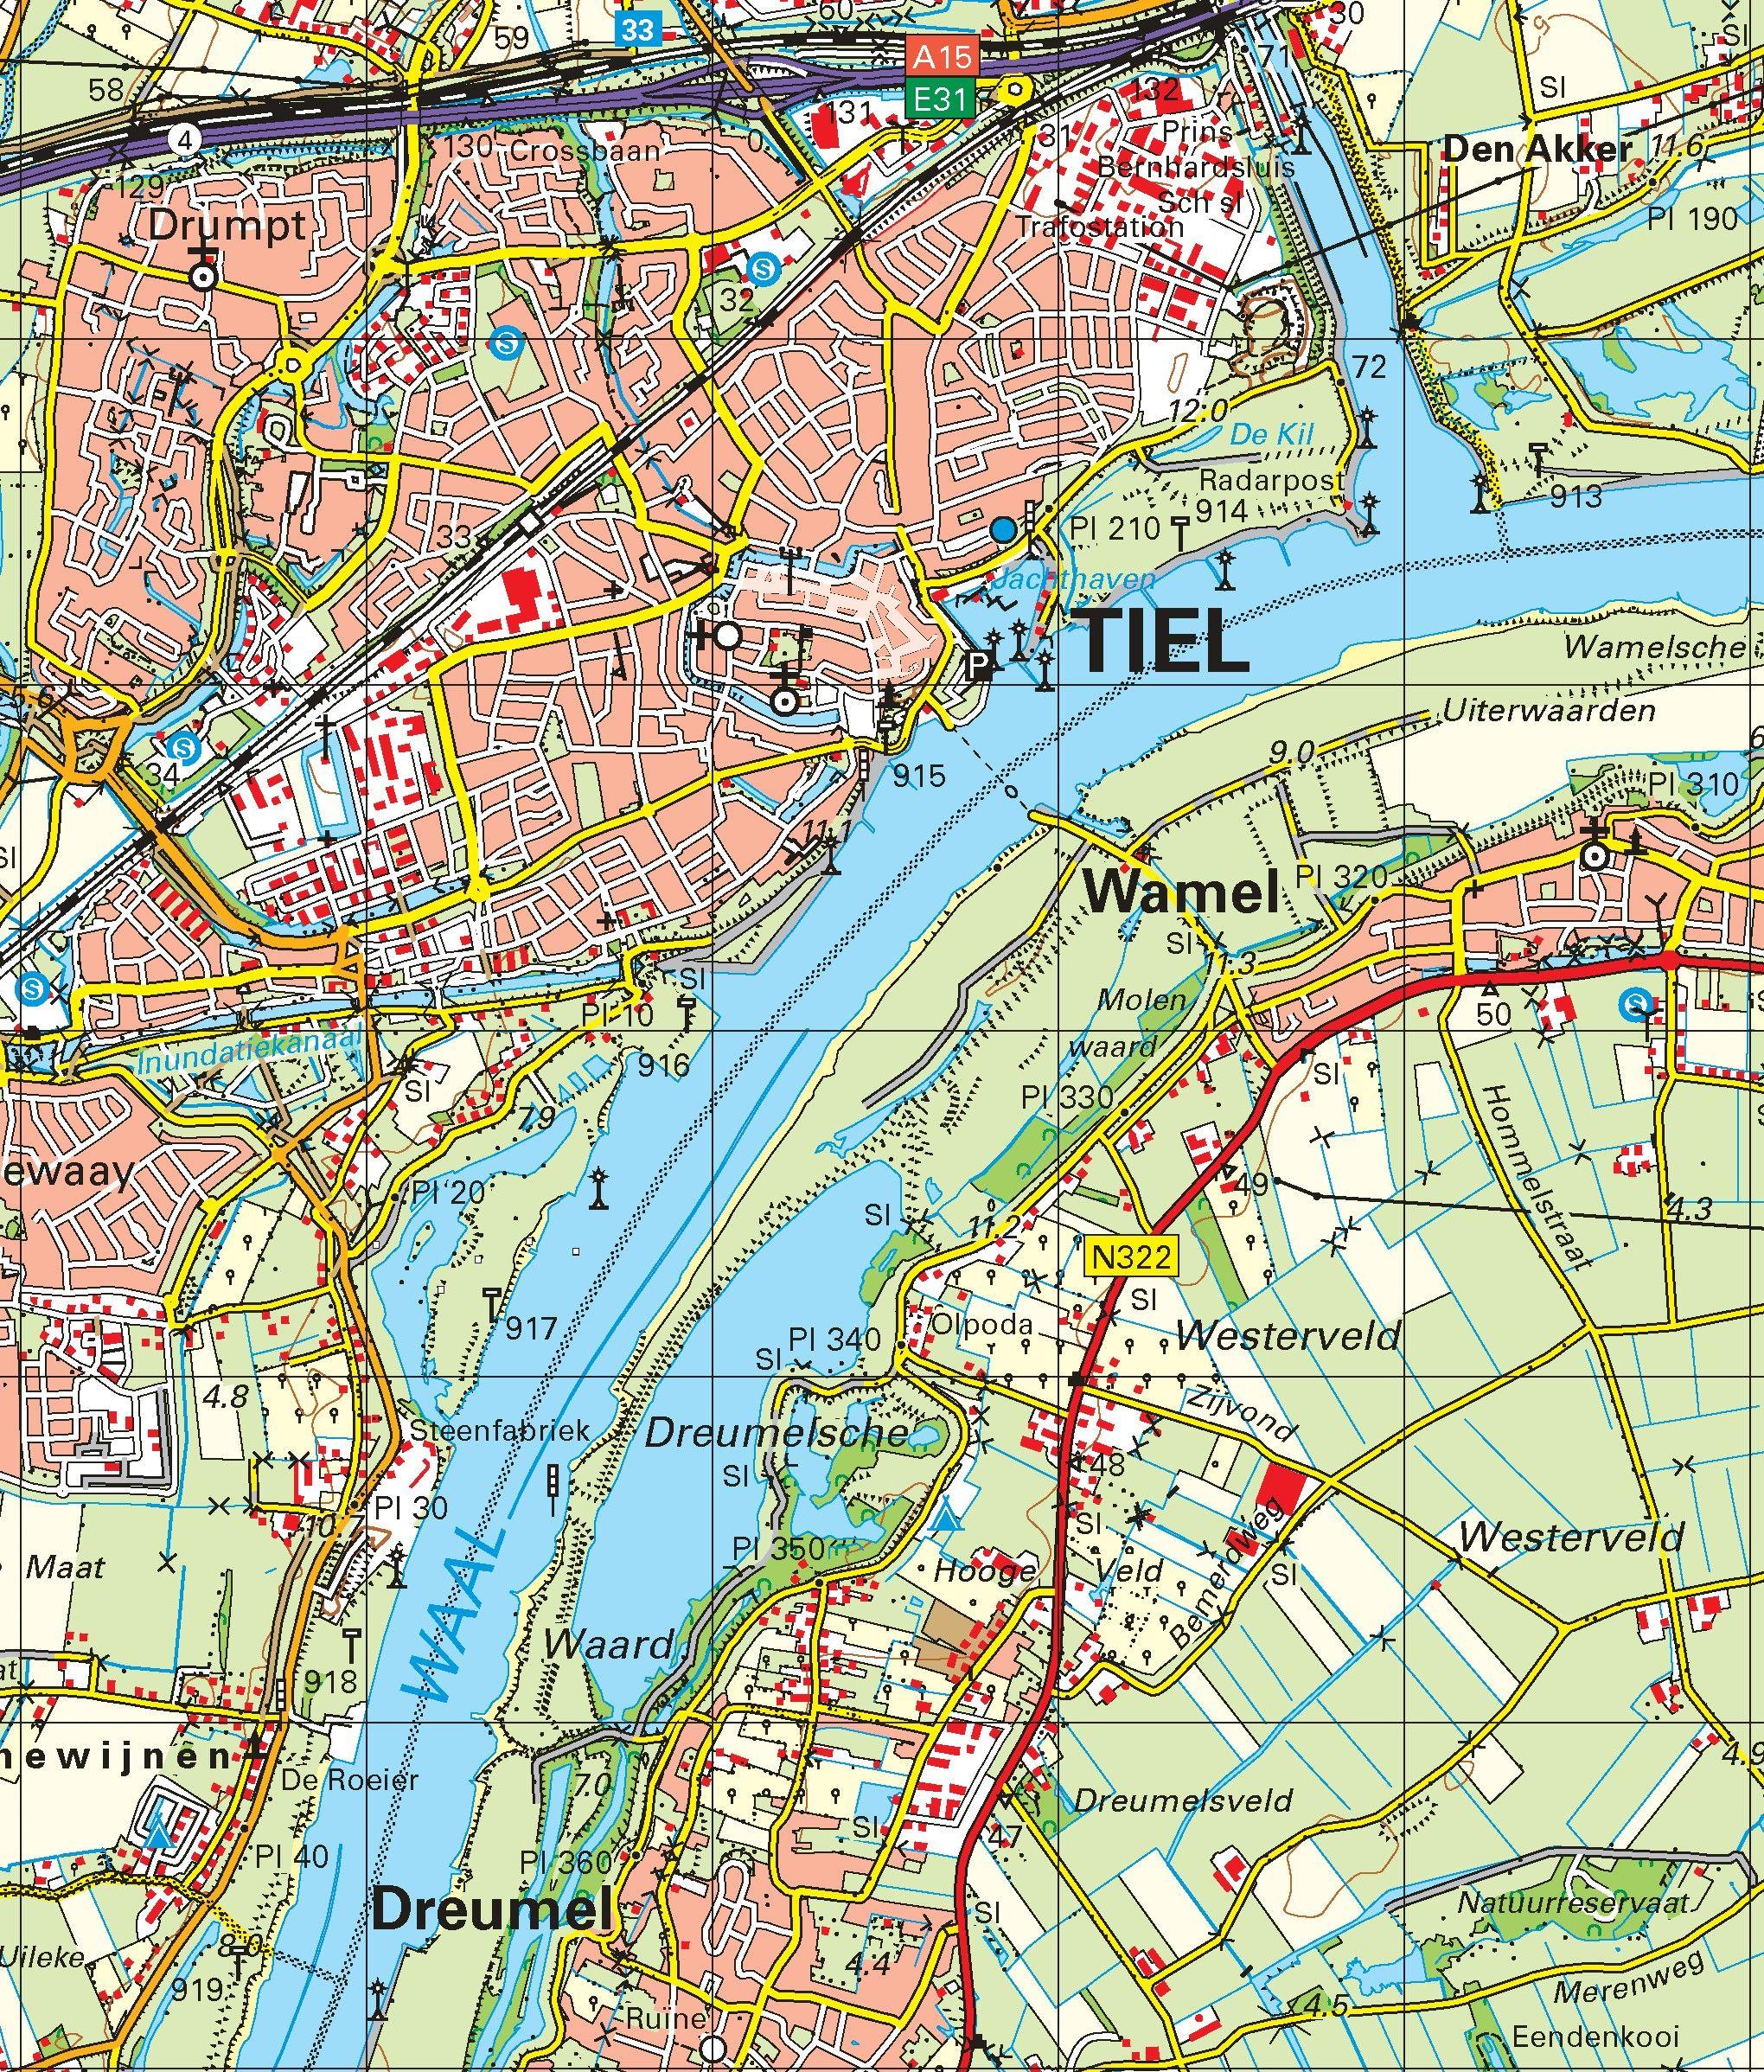 Topografische kaart schaal 1:50.000 (Culemborg, Tiel, Oss, 's-Hertogenbosch, Uden)